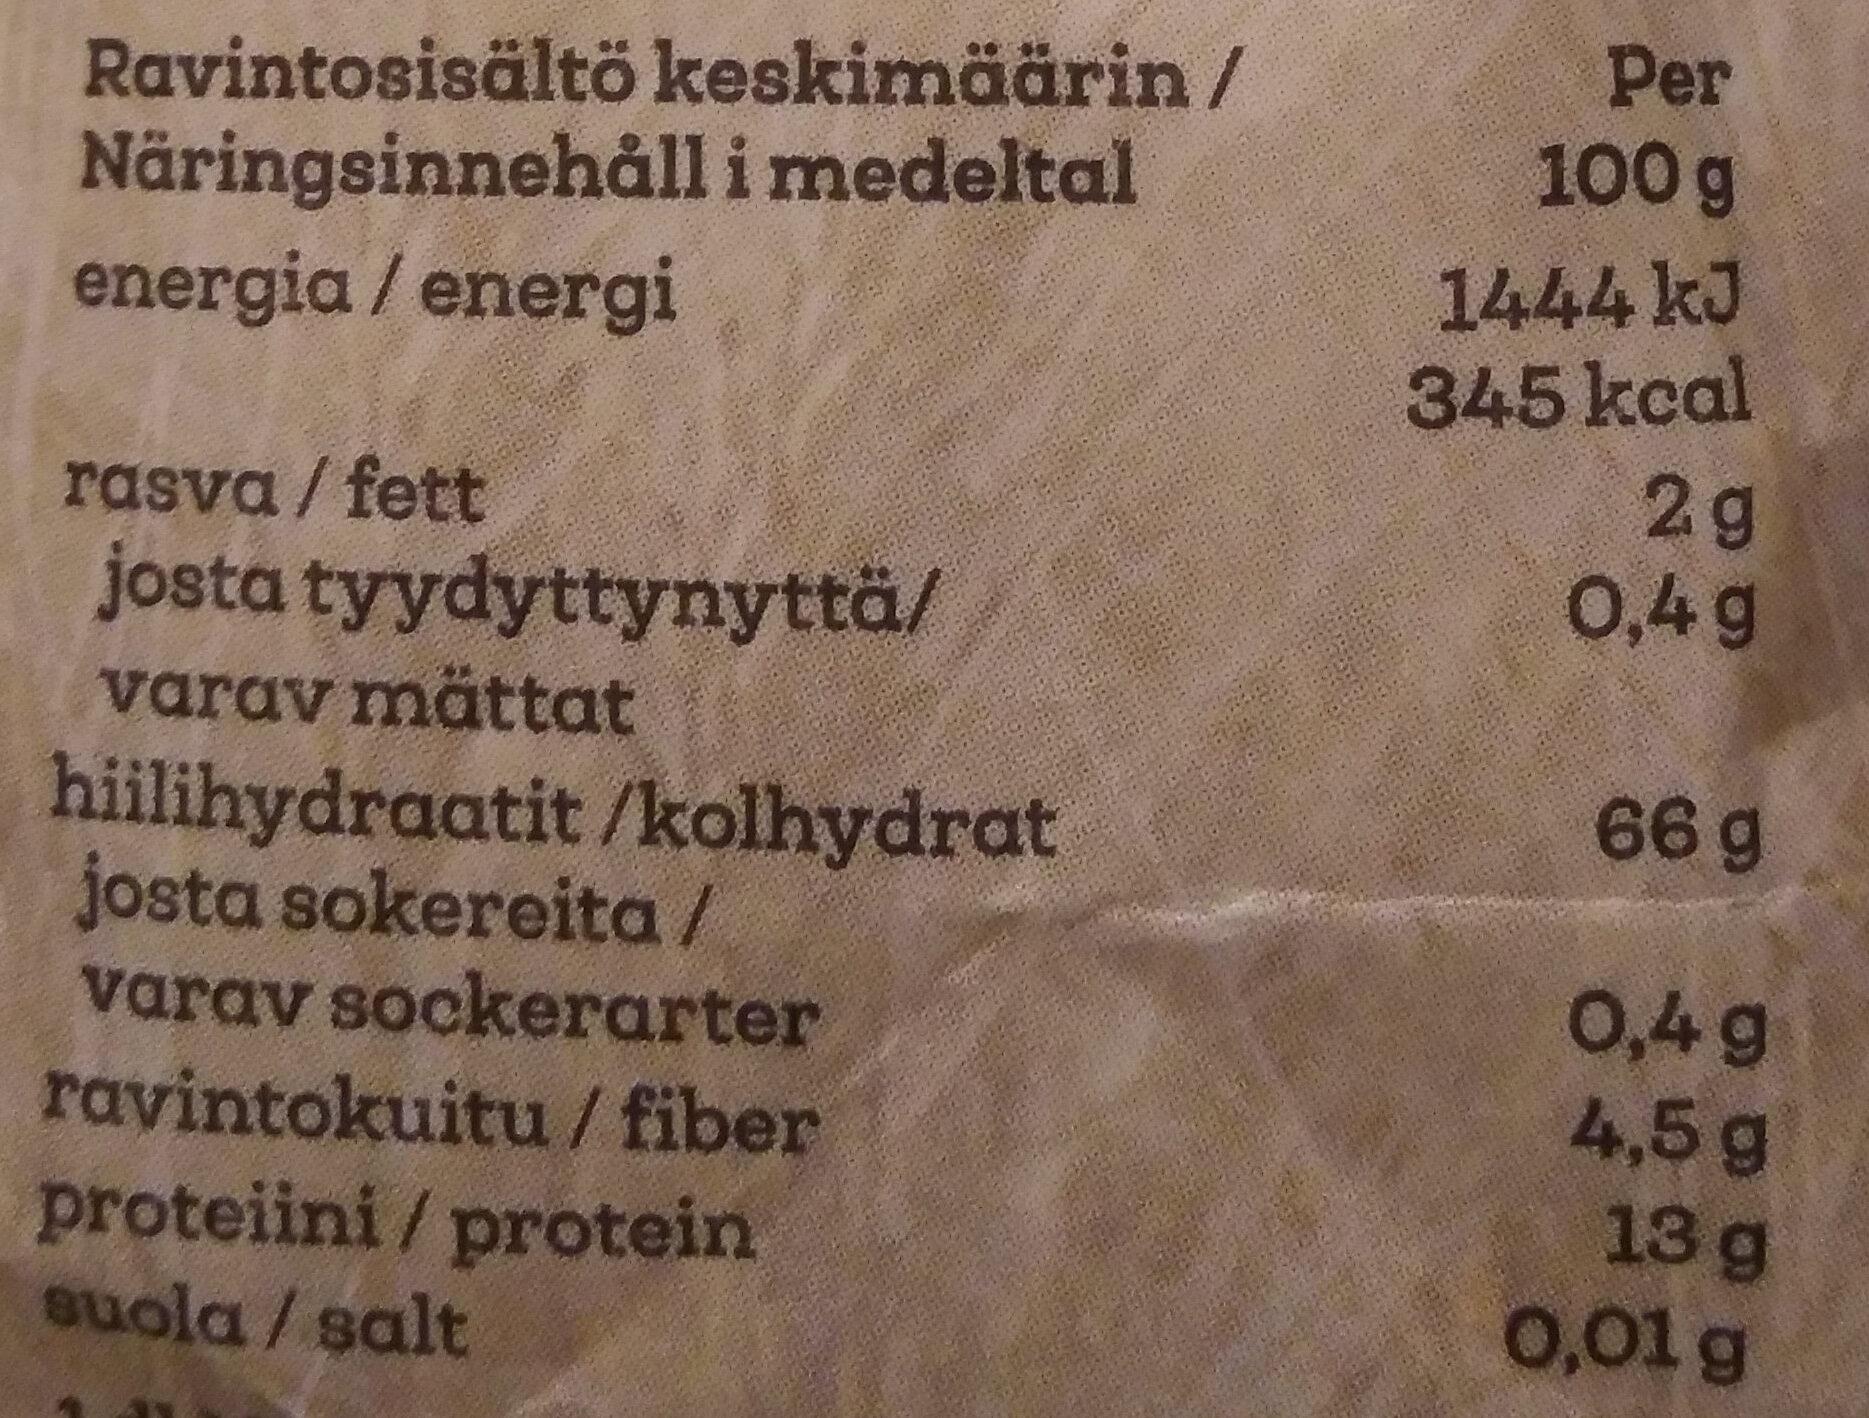 Emännän puolikarkea vehnäjauho - Ravintosisältö - fi